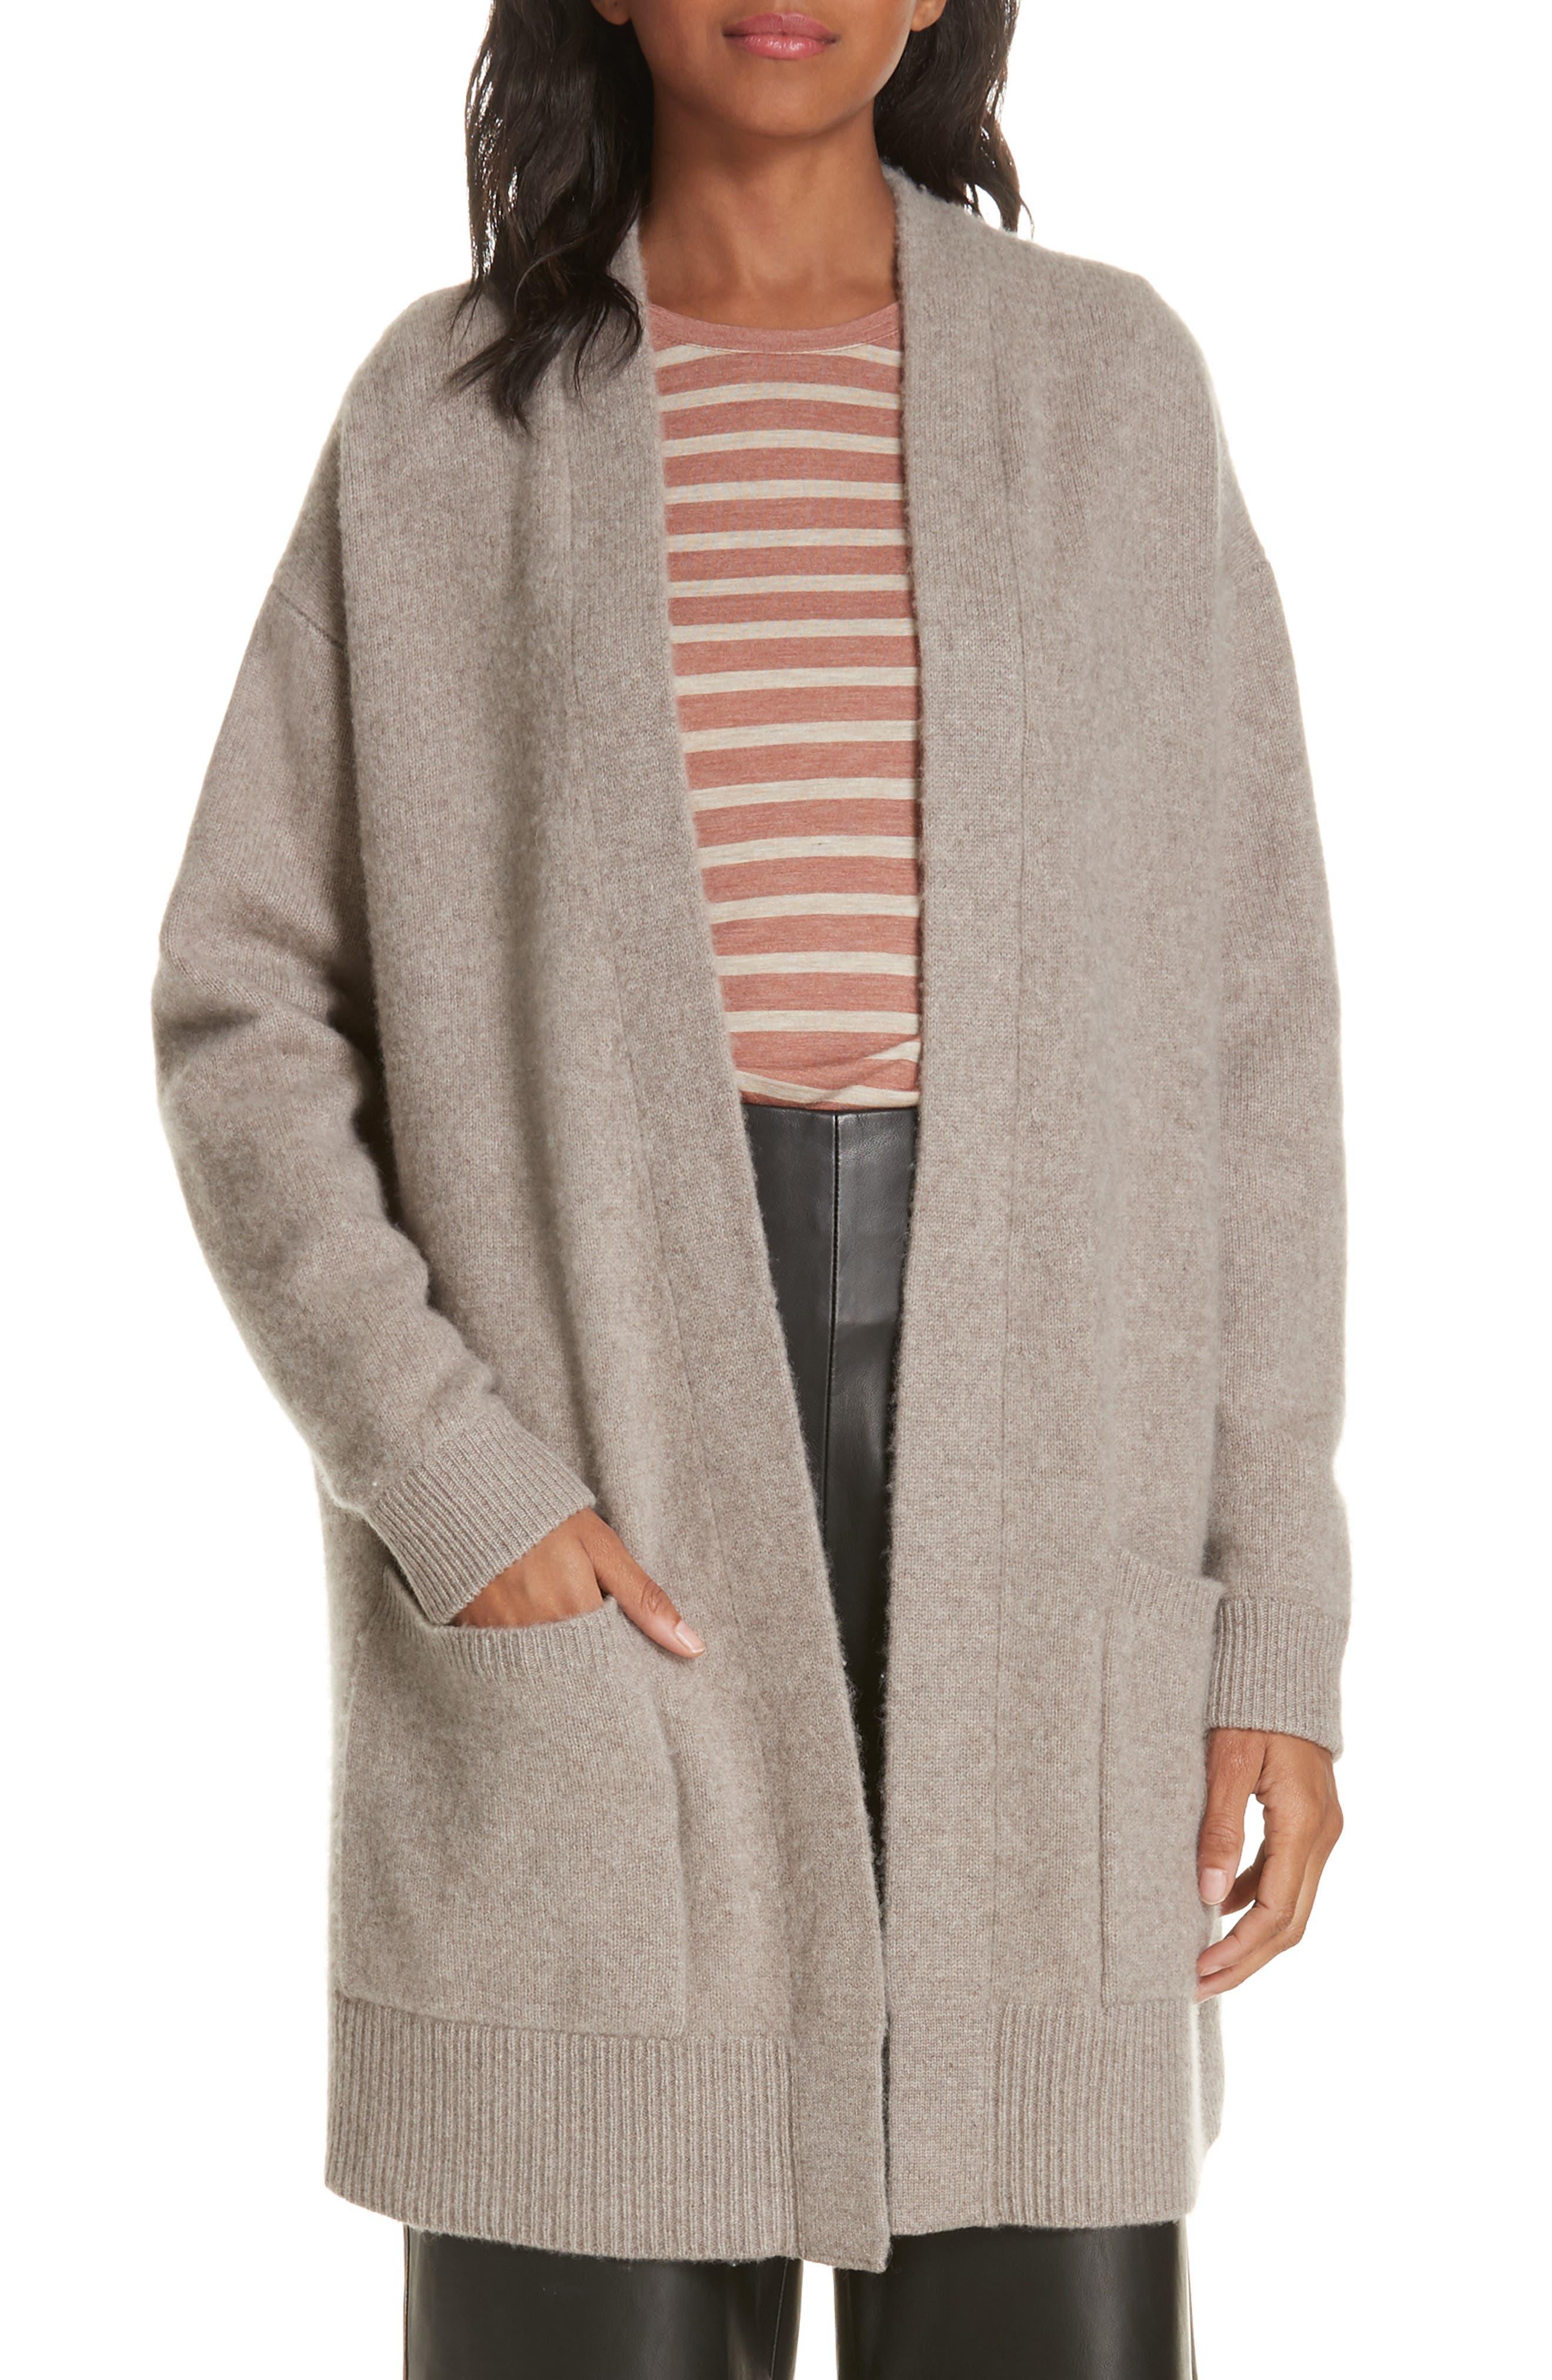 VINCE Patch Pocket Cashmere Cardigan, Main, color, 201